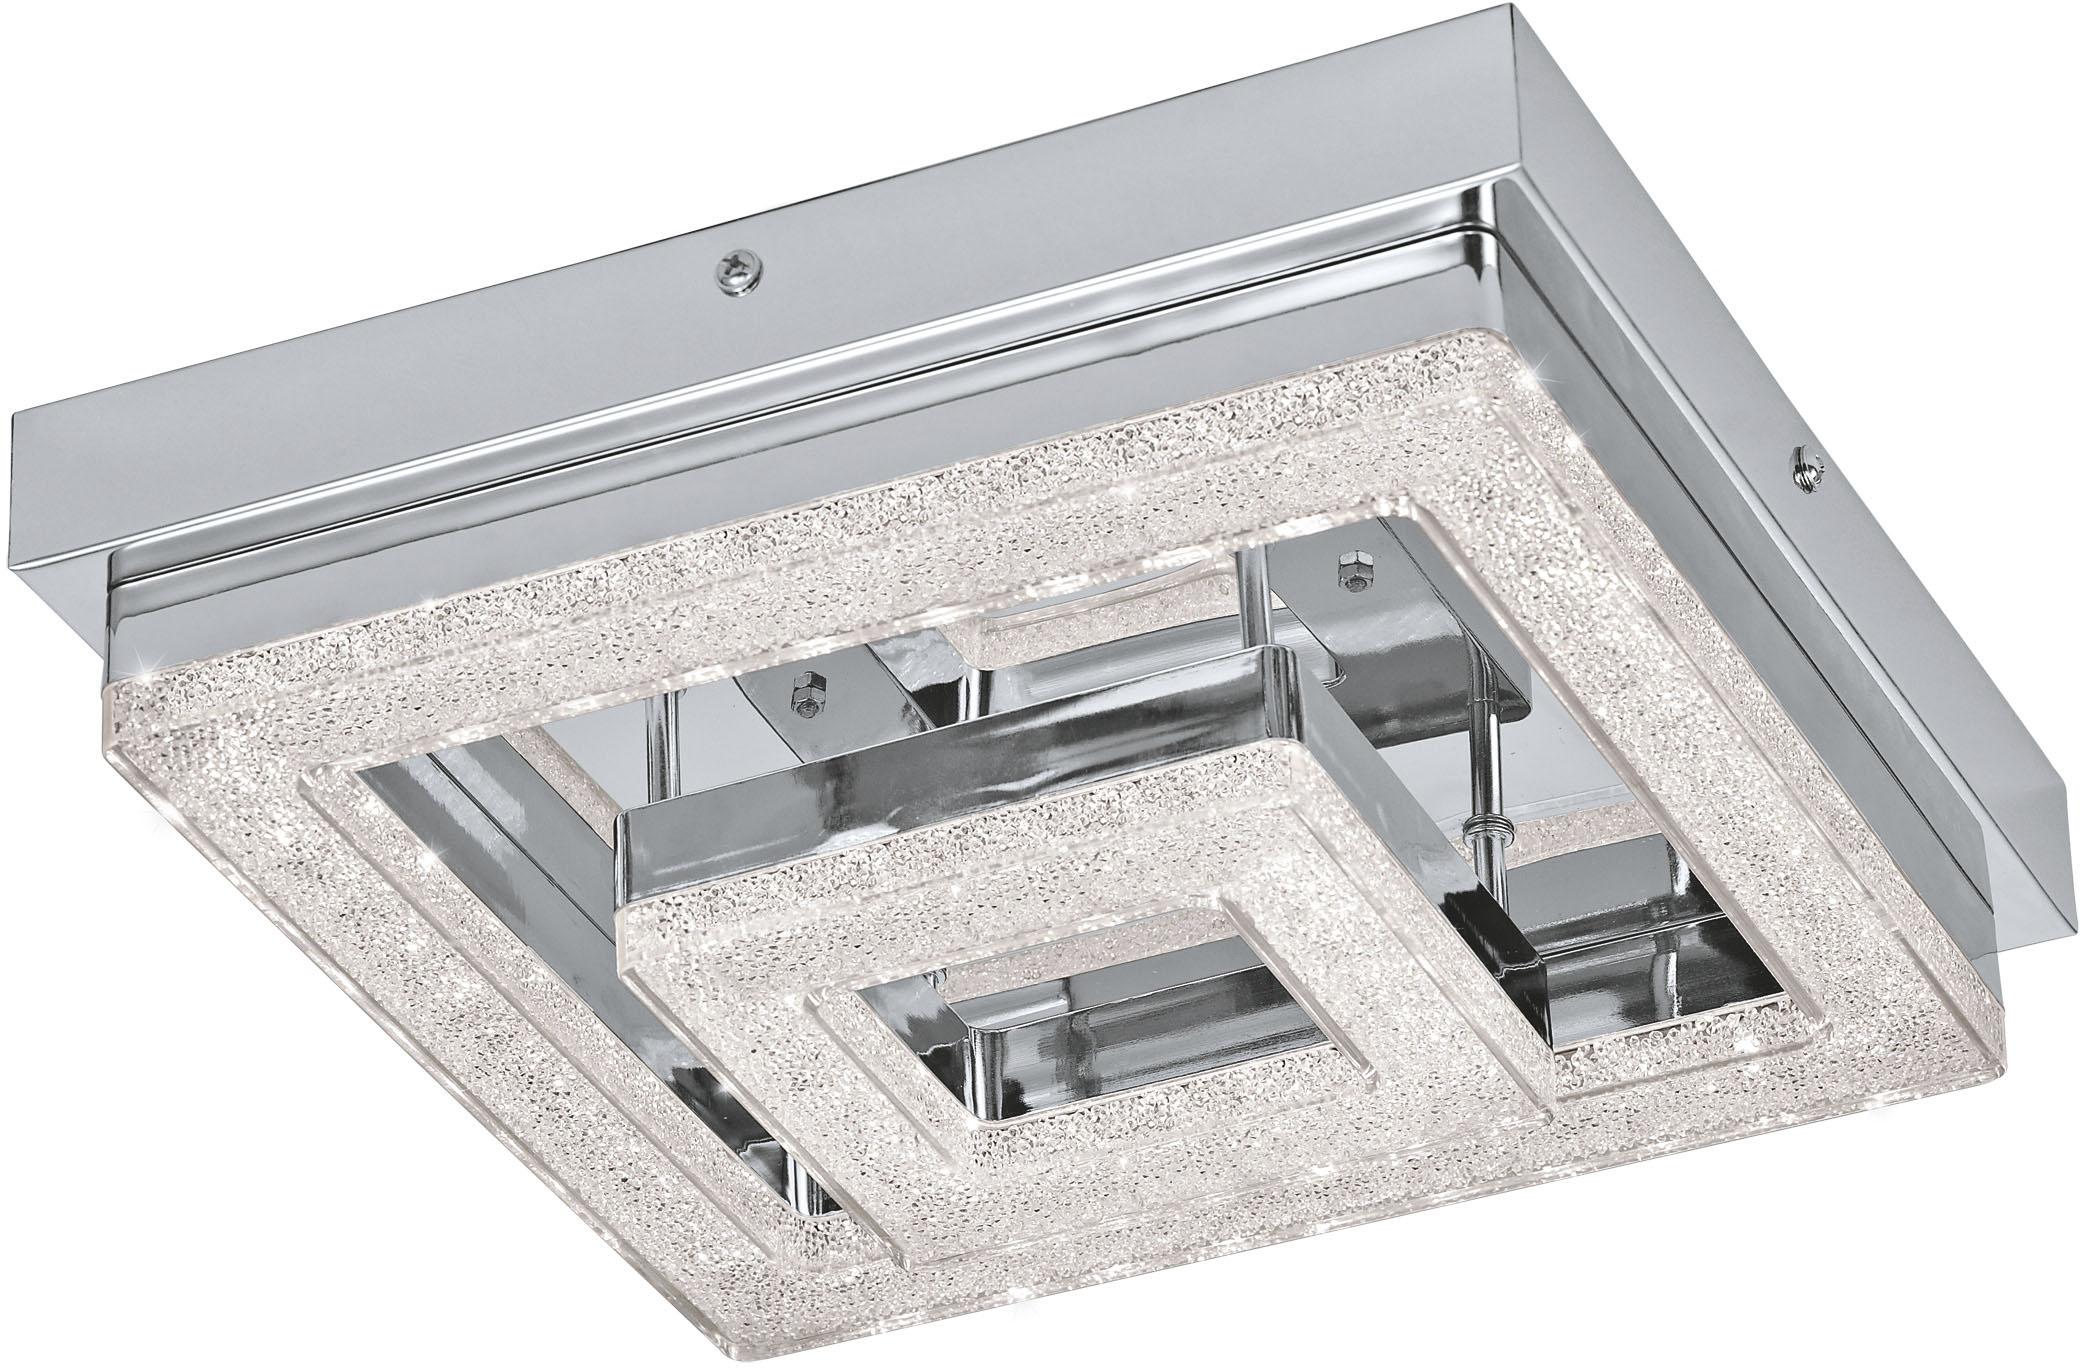 EGLO LED Deckenleuchte FRADELO, LED-Board, Warmweiß, LED Deckenlampe